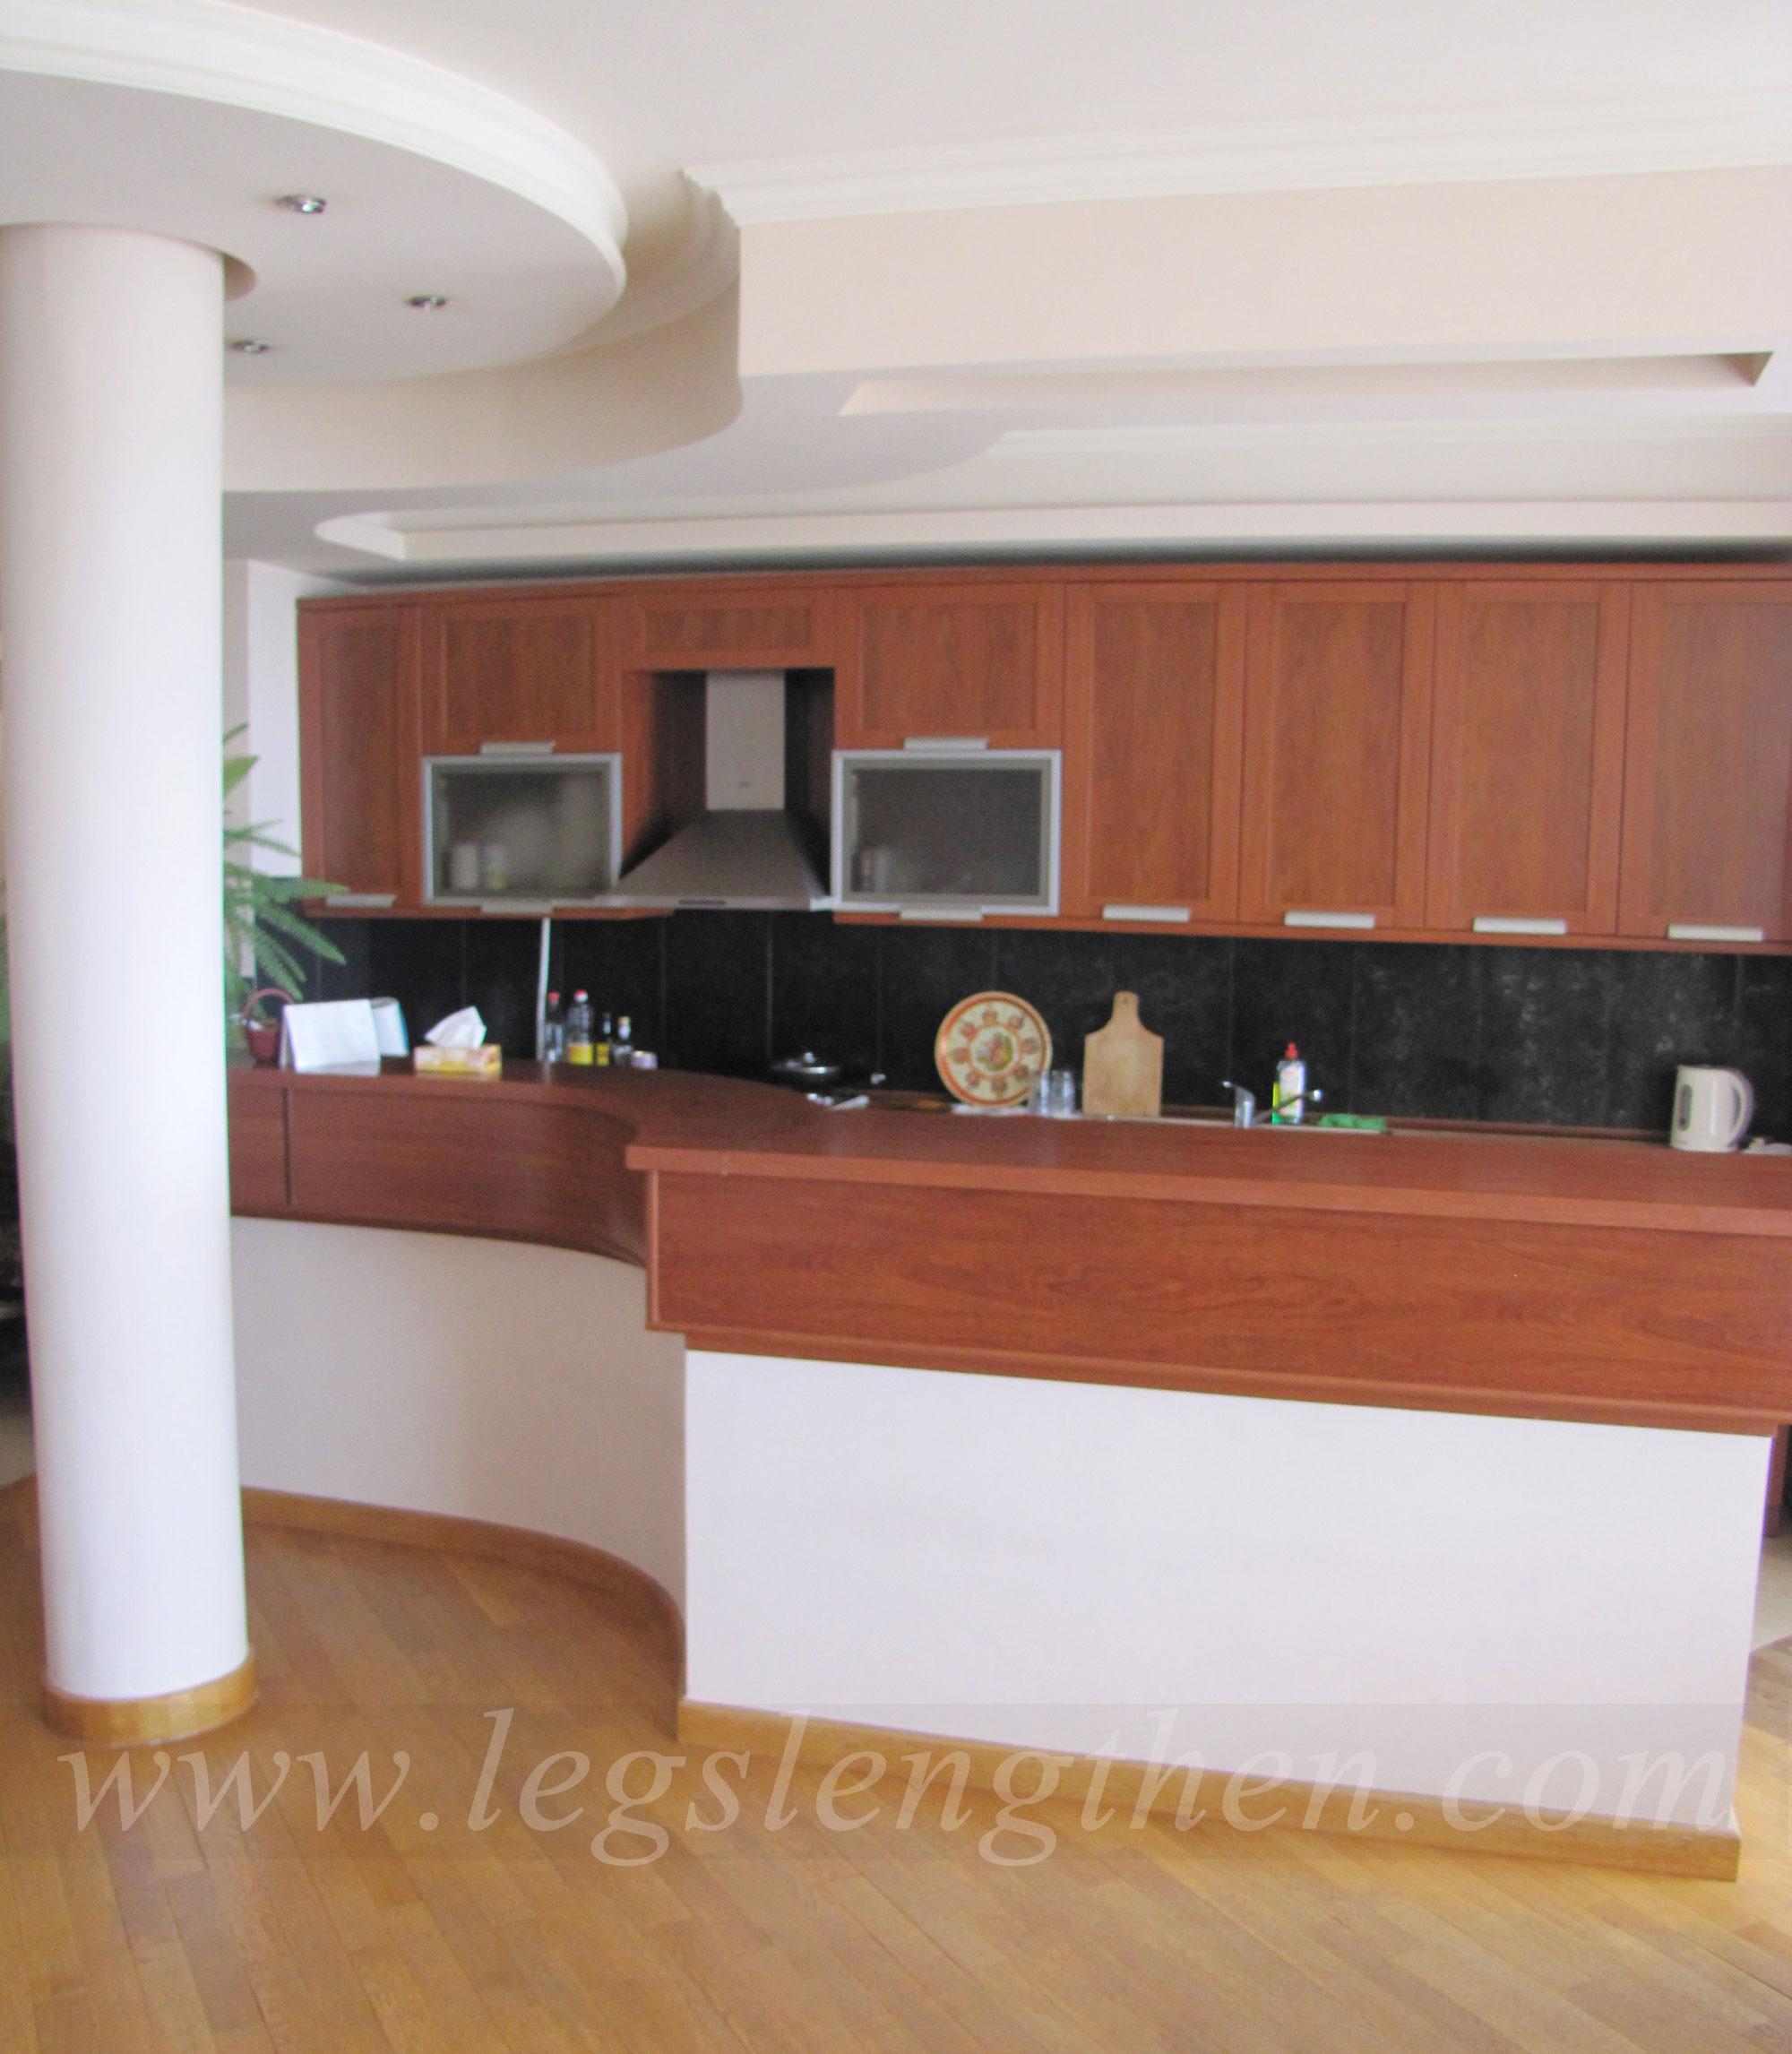 2-apartment-legs-lensgthening-armenia.jpg